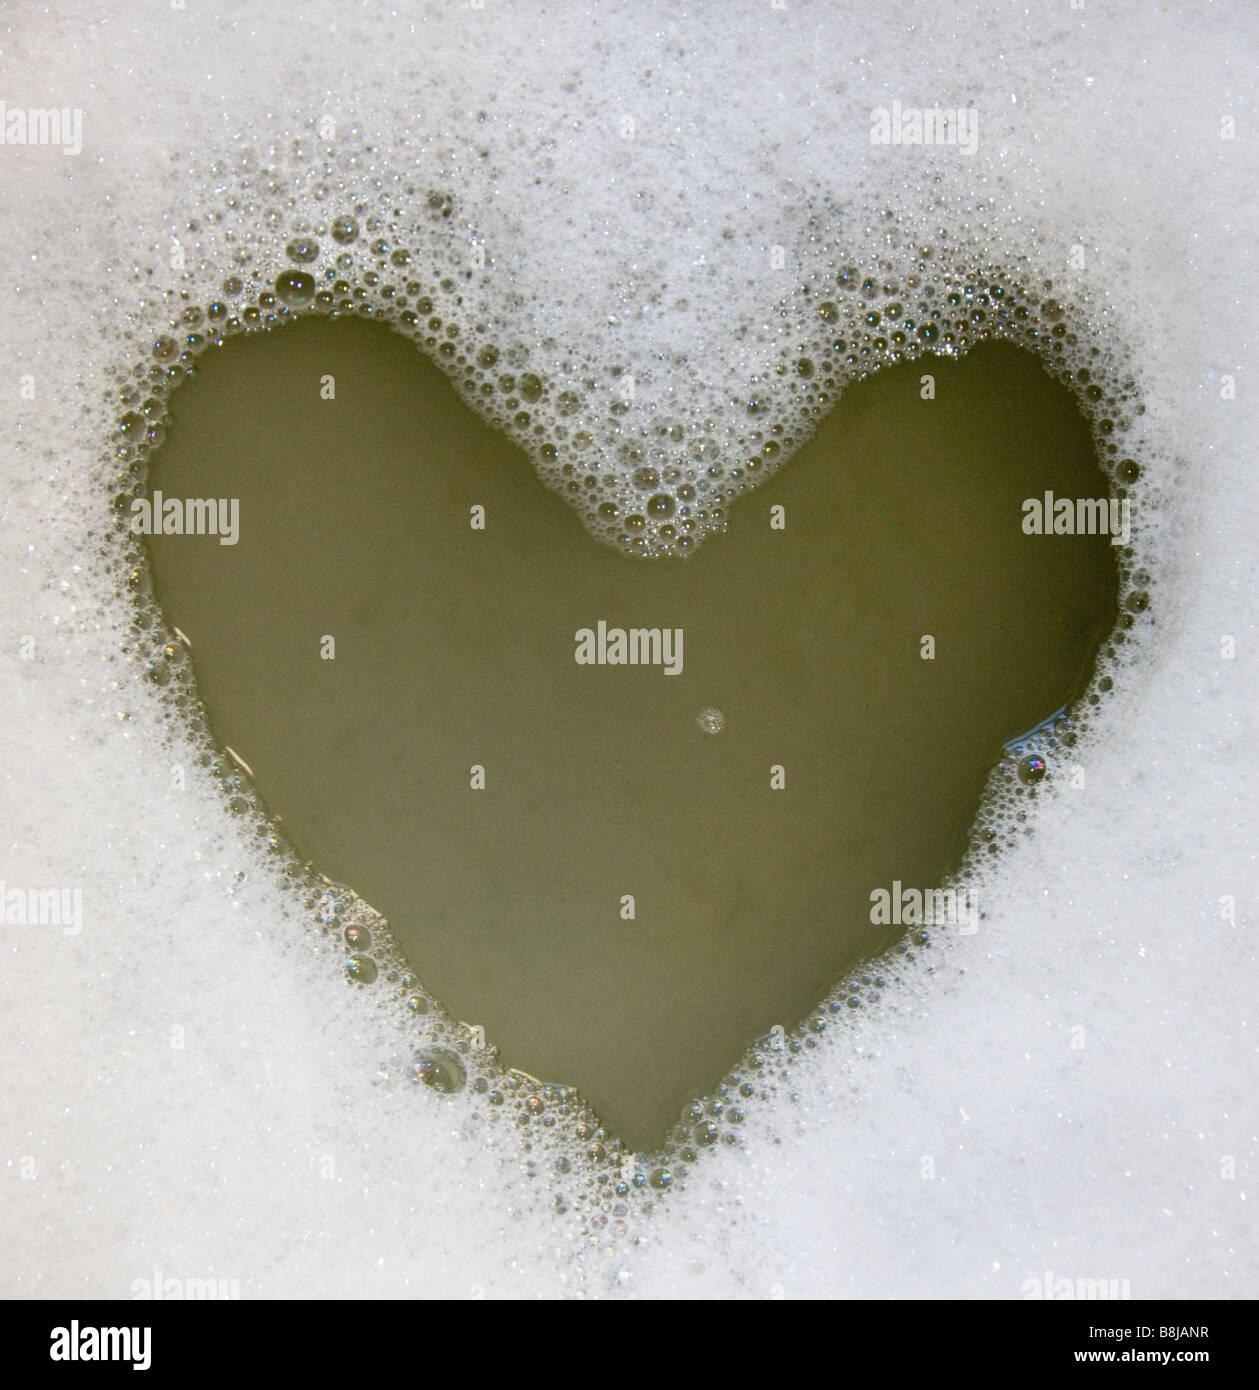 En forme de coeur exclusivement avec de l'eau de vaisselle Photo Stock